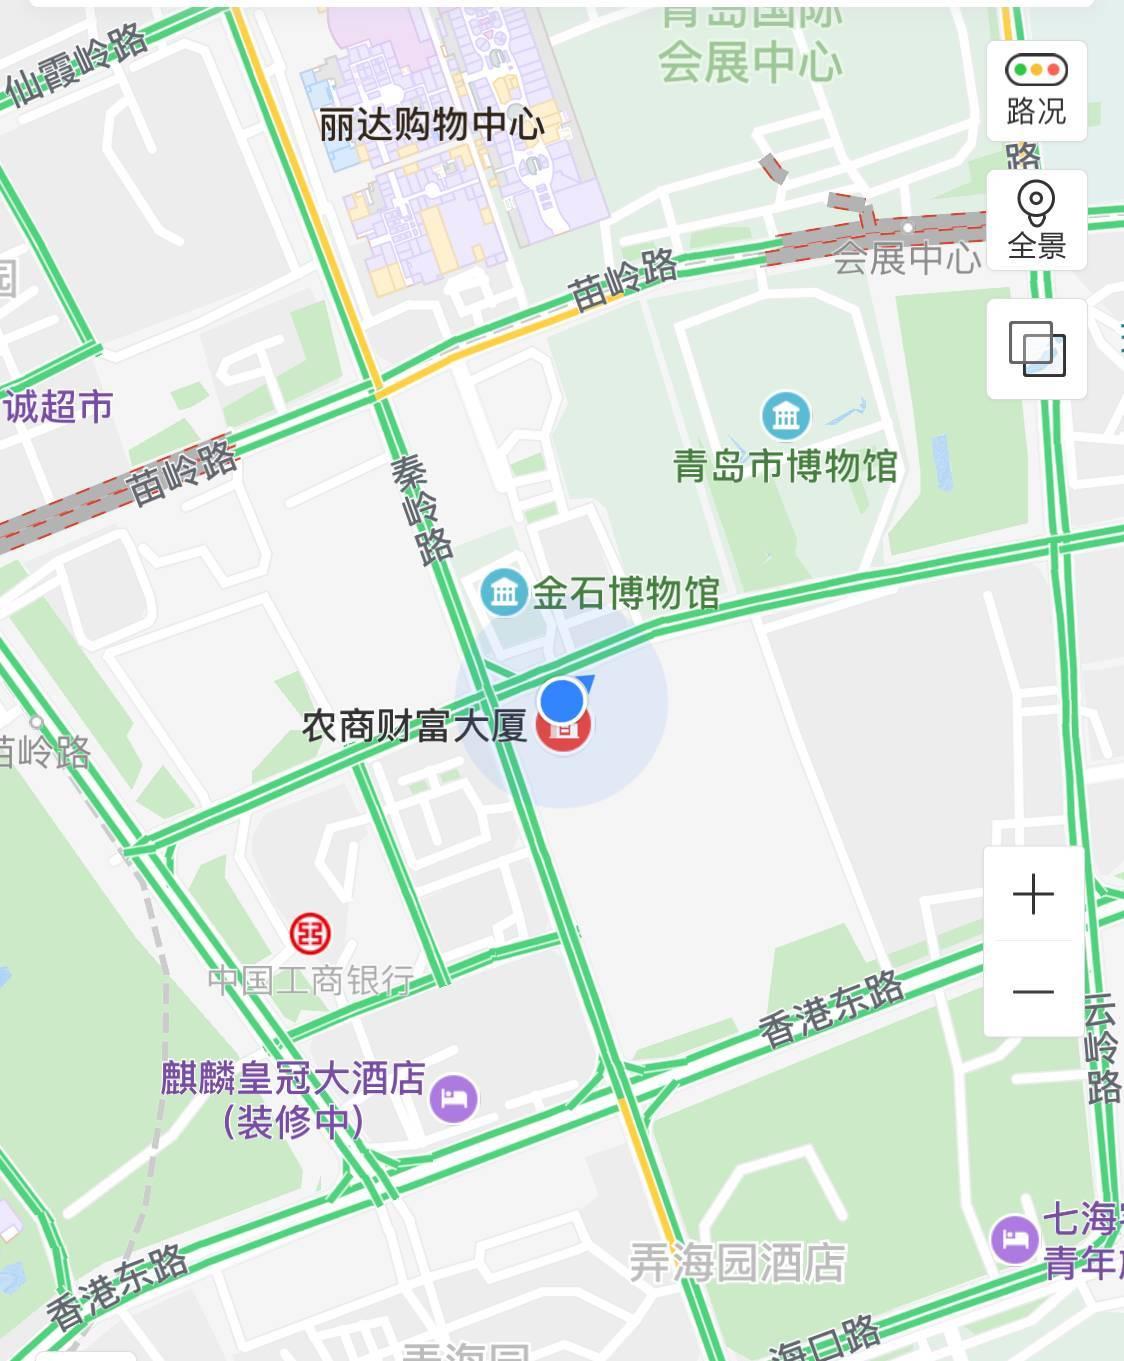 青岛大剧院 丽达 地图